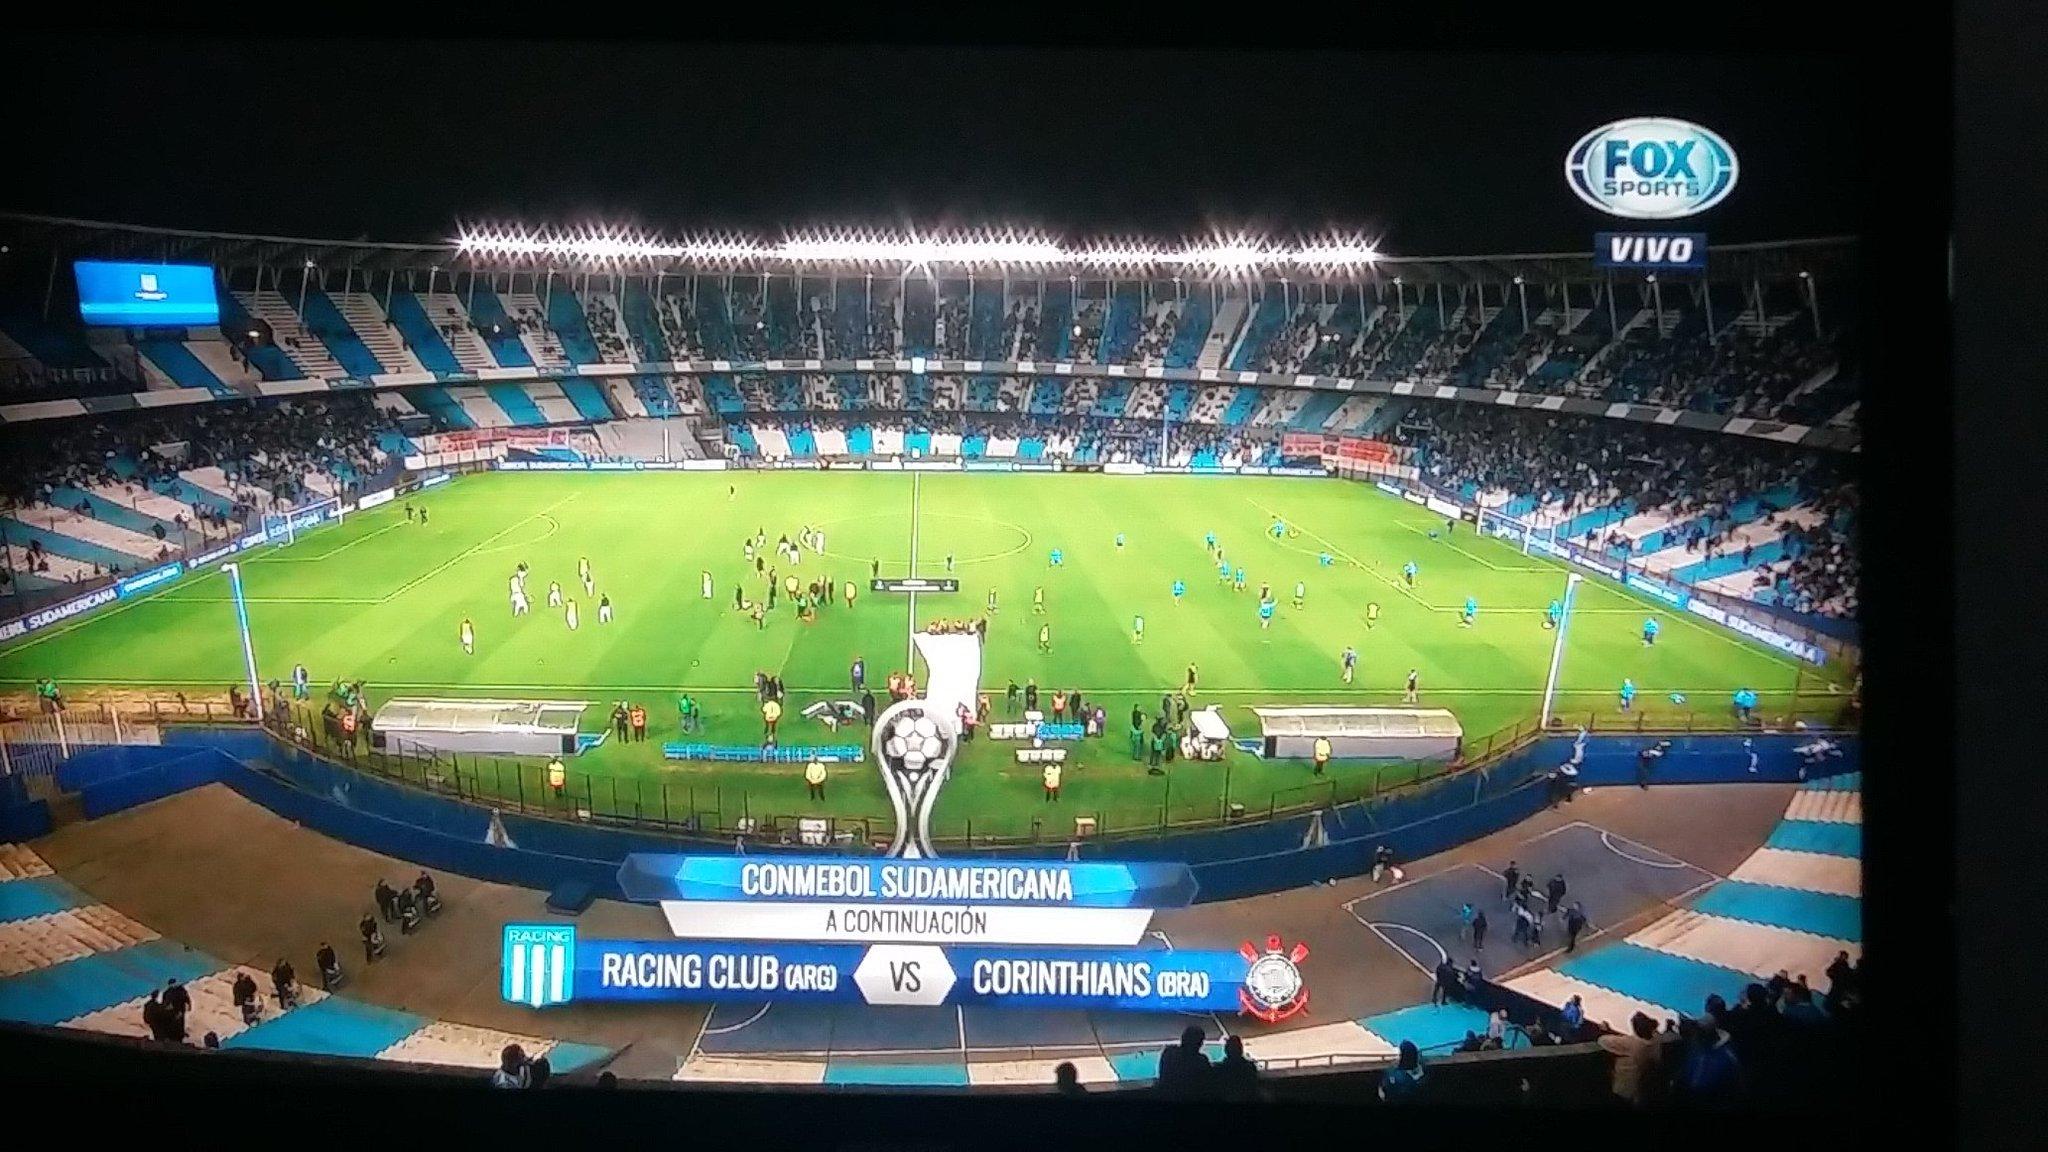 Dice @PolloVignolo q hay una multitud en la puerta.... avisenles  q el partido es adentro!!! Prensa mamadera https://t.co/ML8nuGNVcu